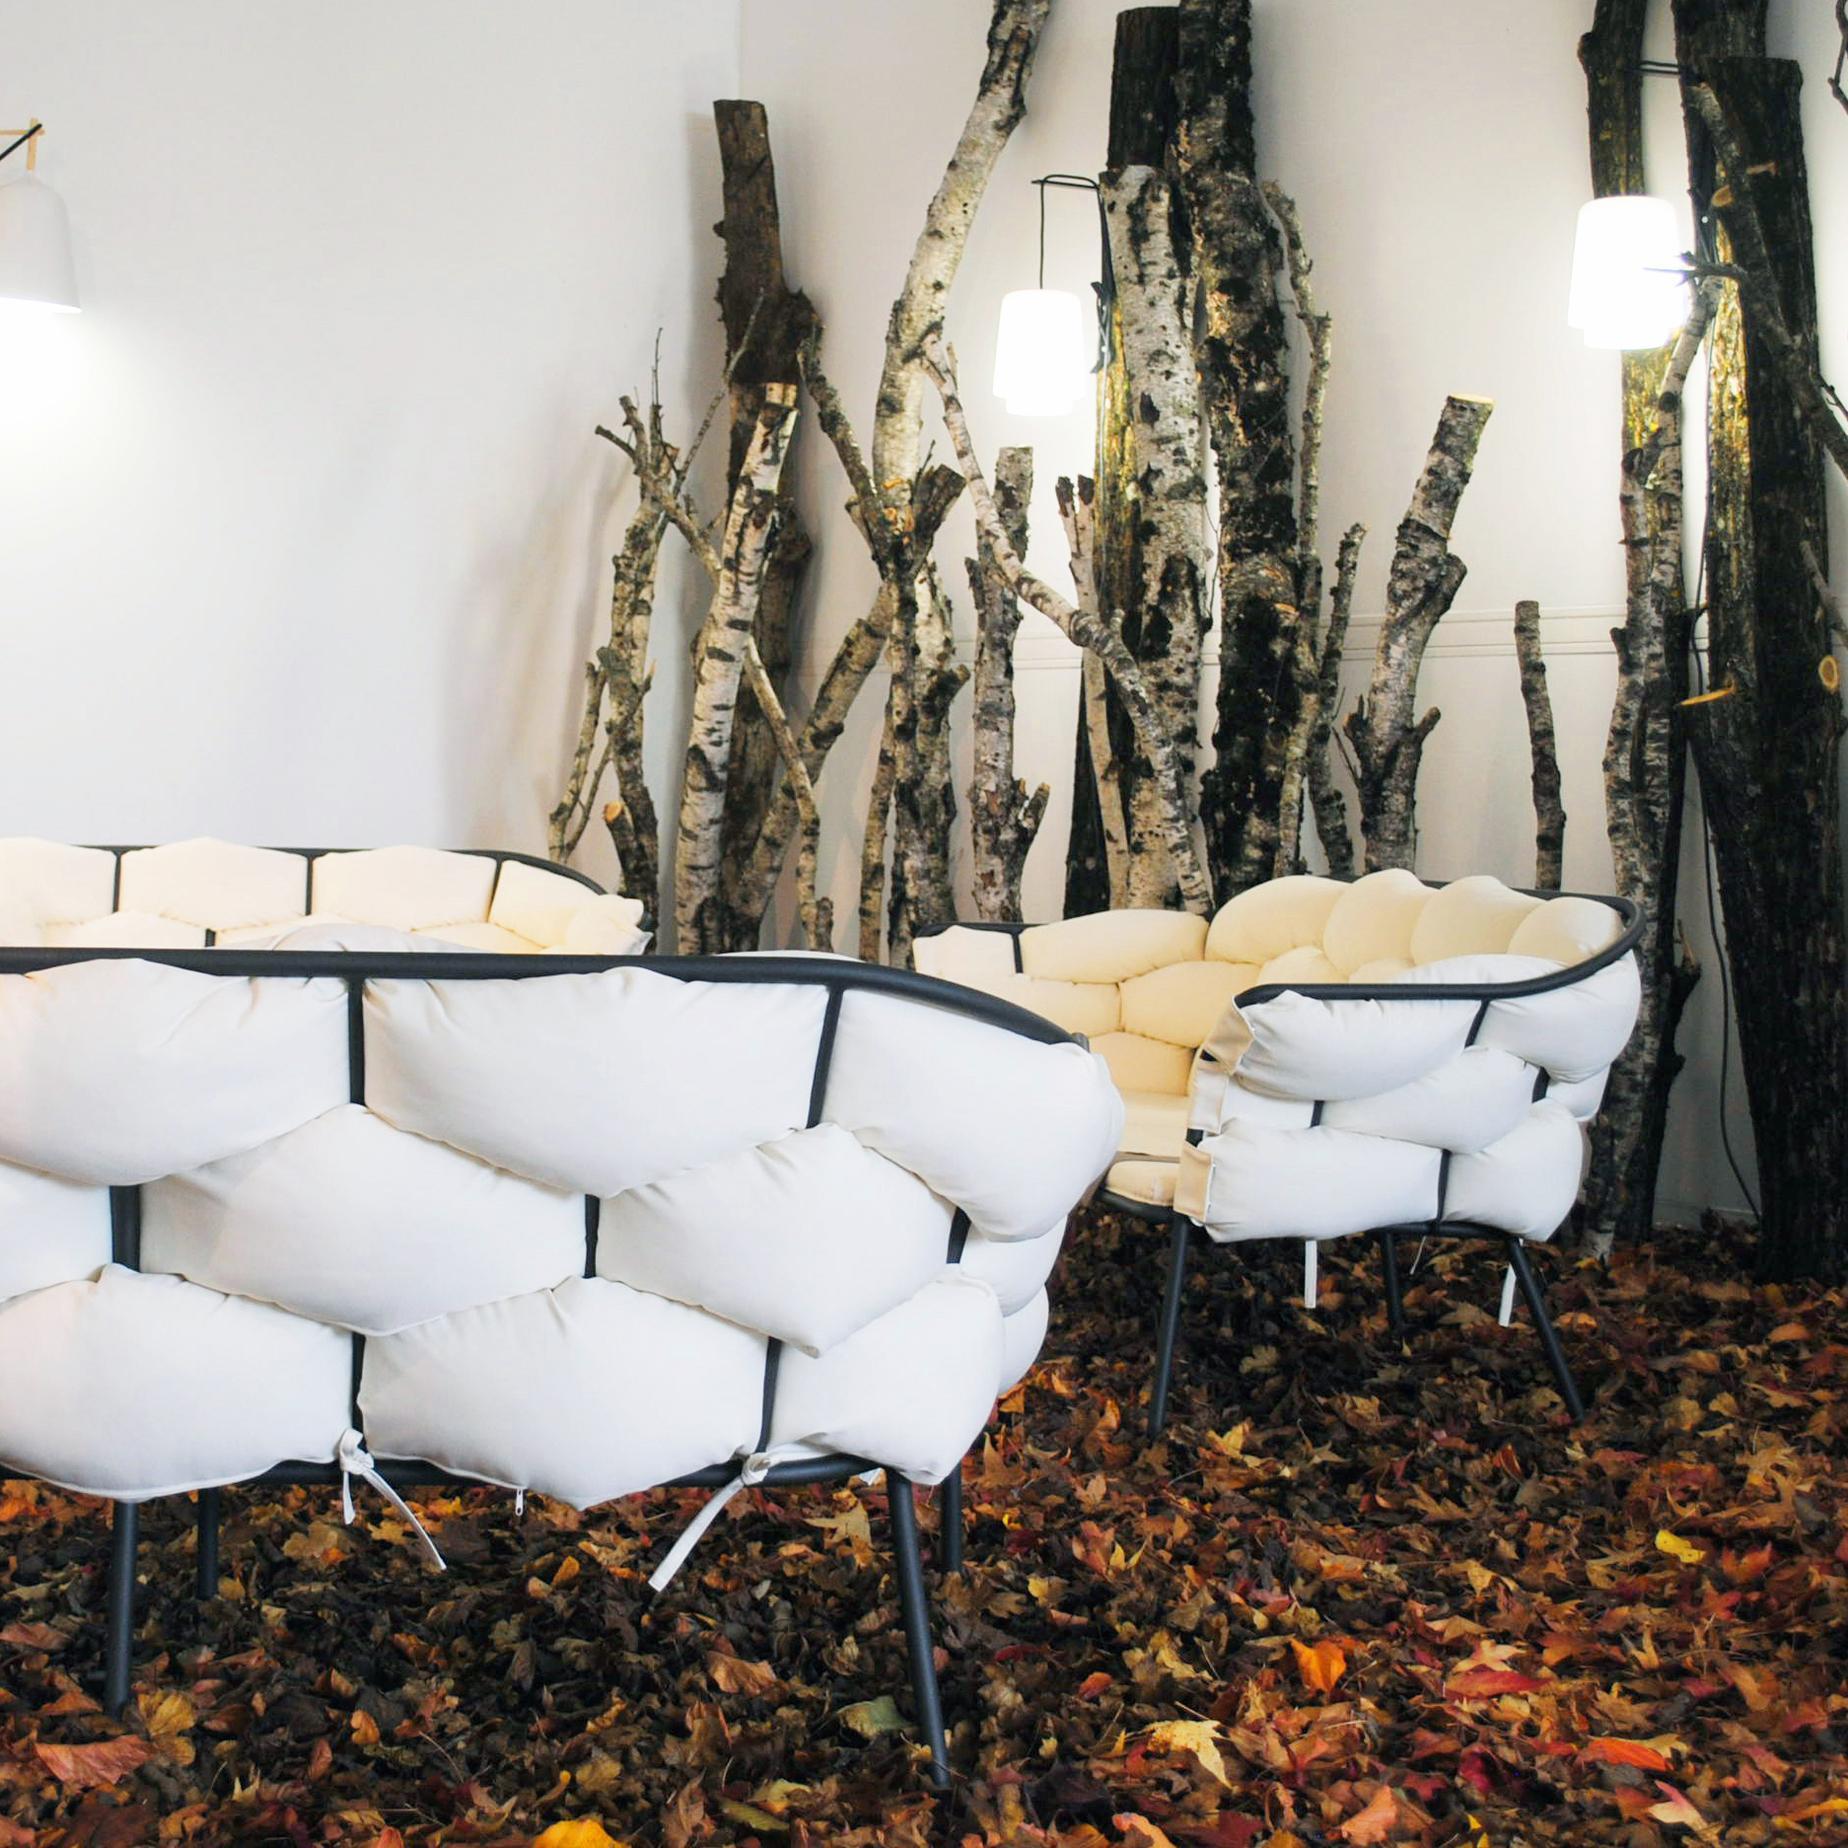 Blennemann Duisburg serpentine, upholstery from designer : eléonore nalet | ligne roset